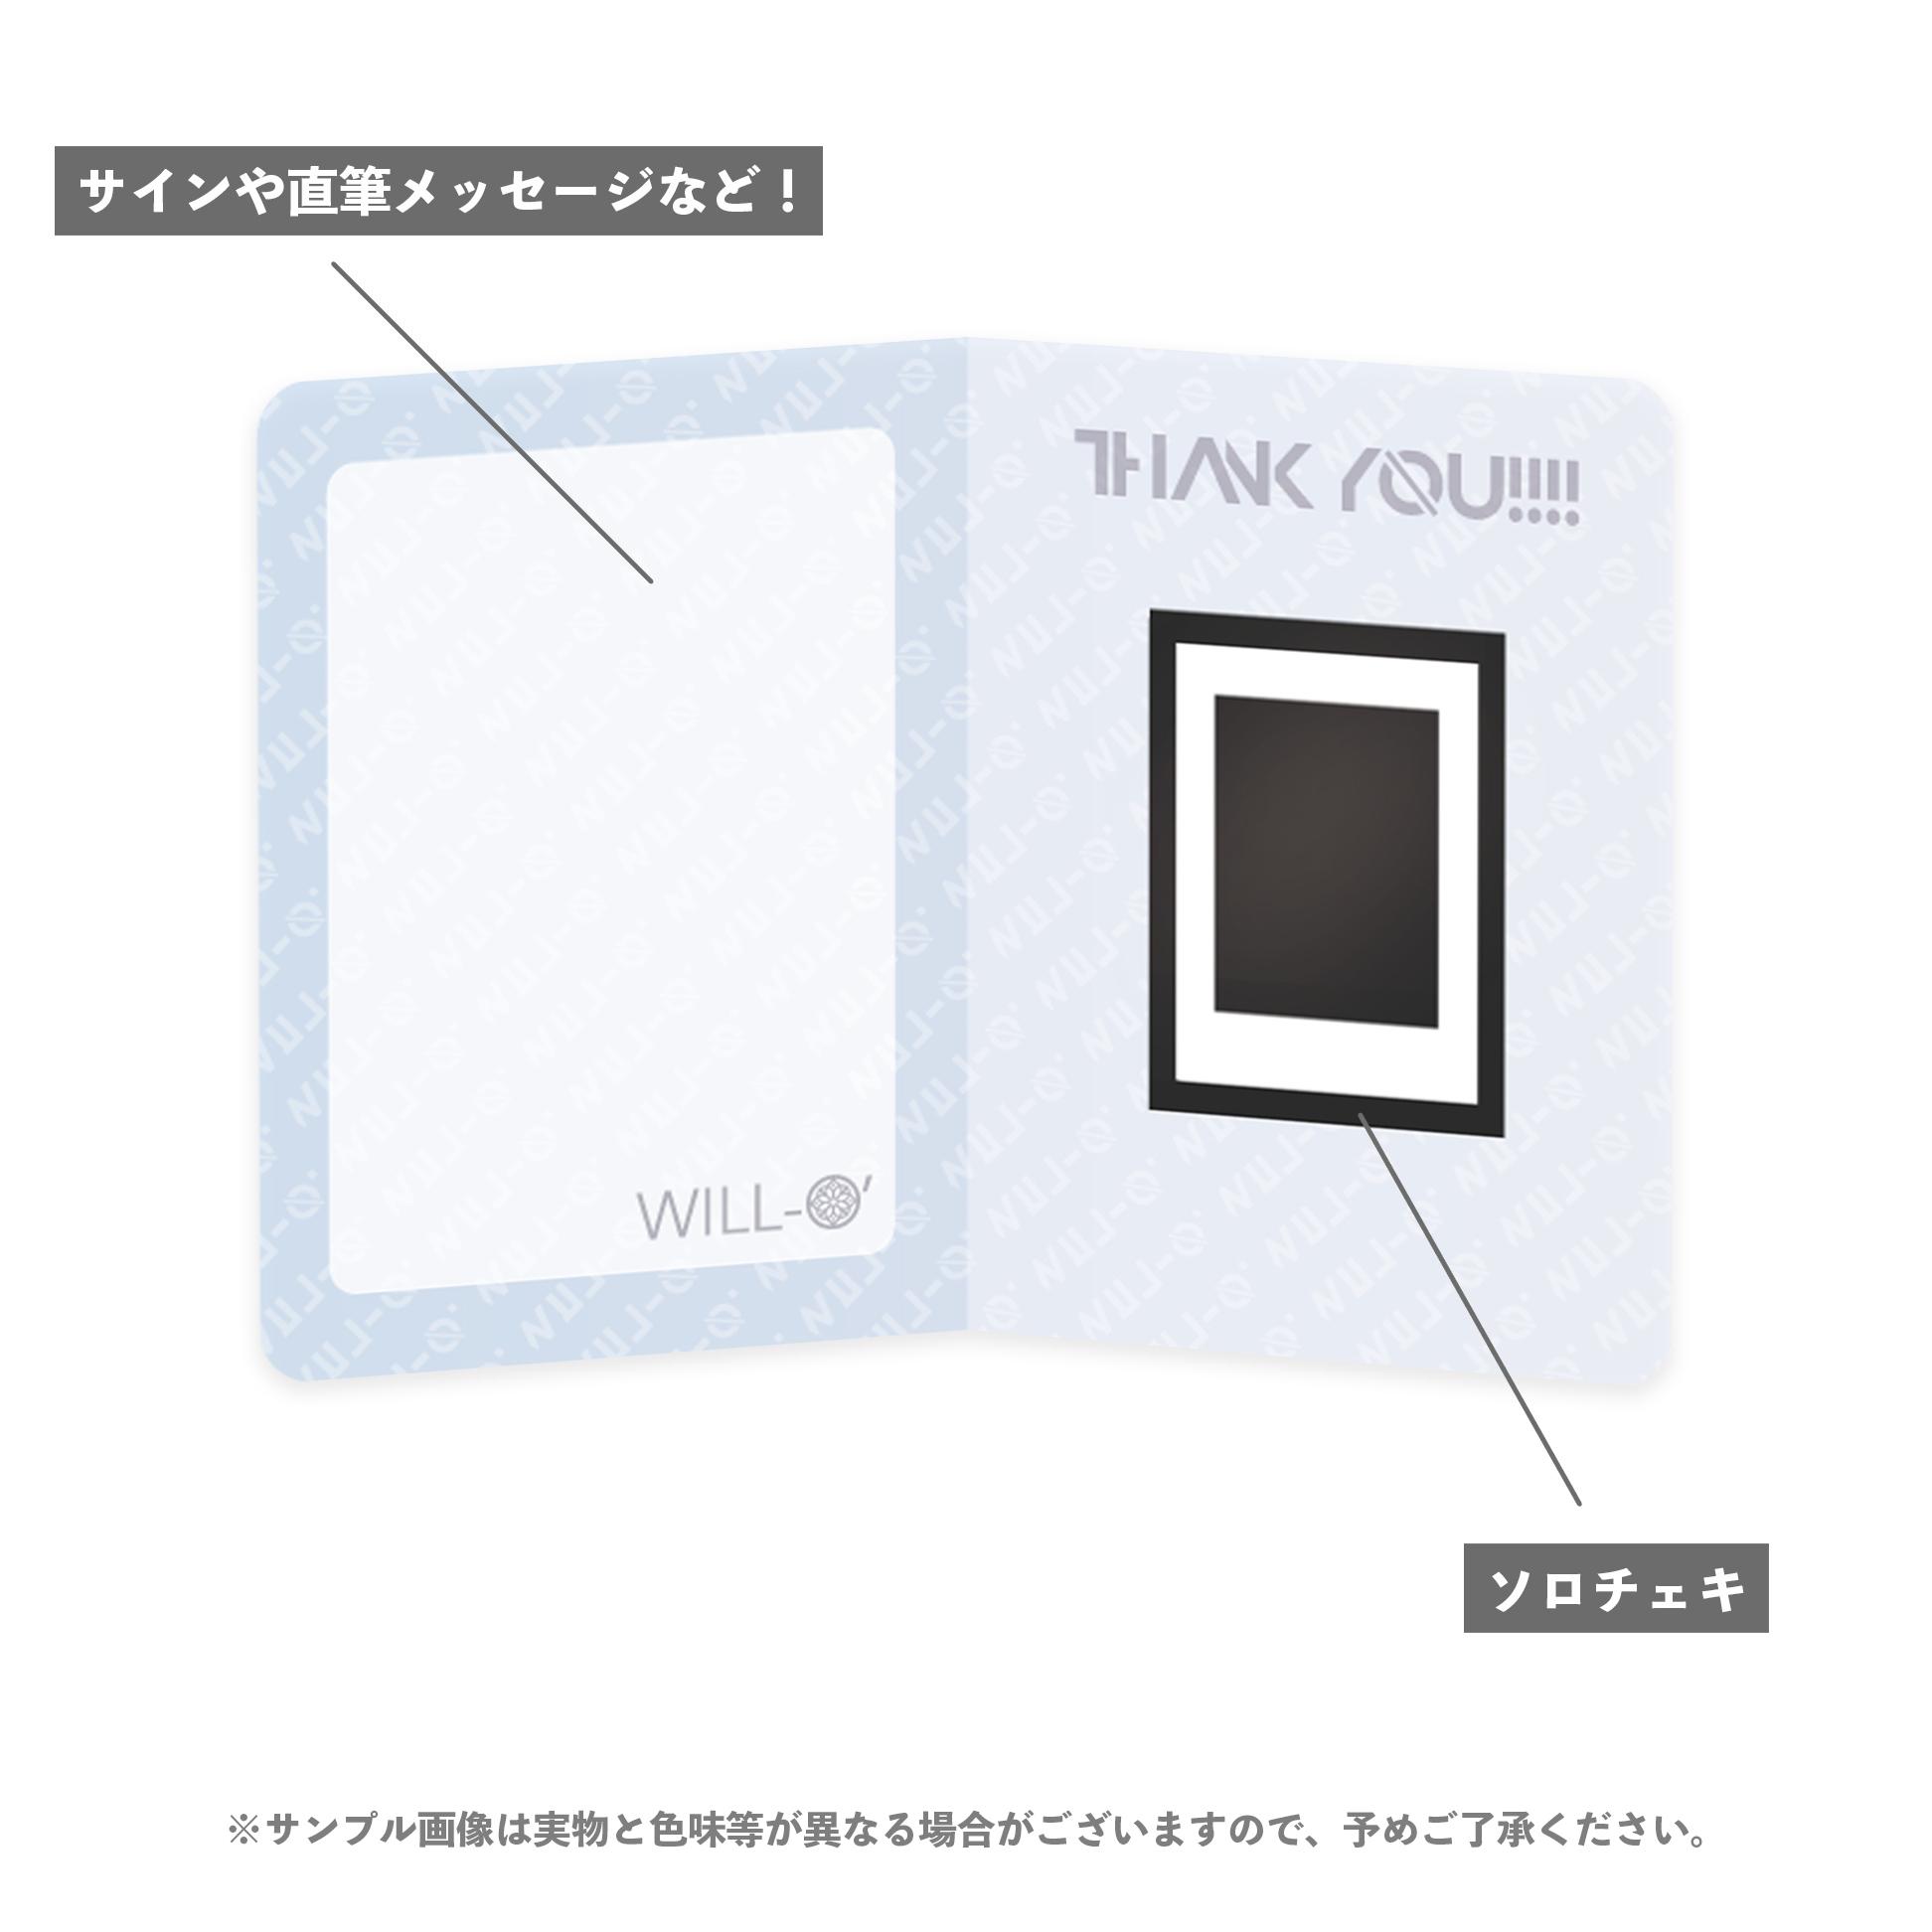 【桐乃みゆ】FC限定/特製カードボードつきソロチェキ(クリスマス)